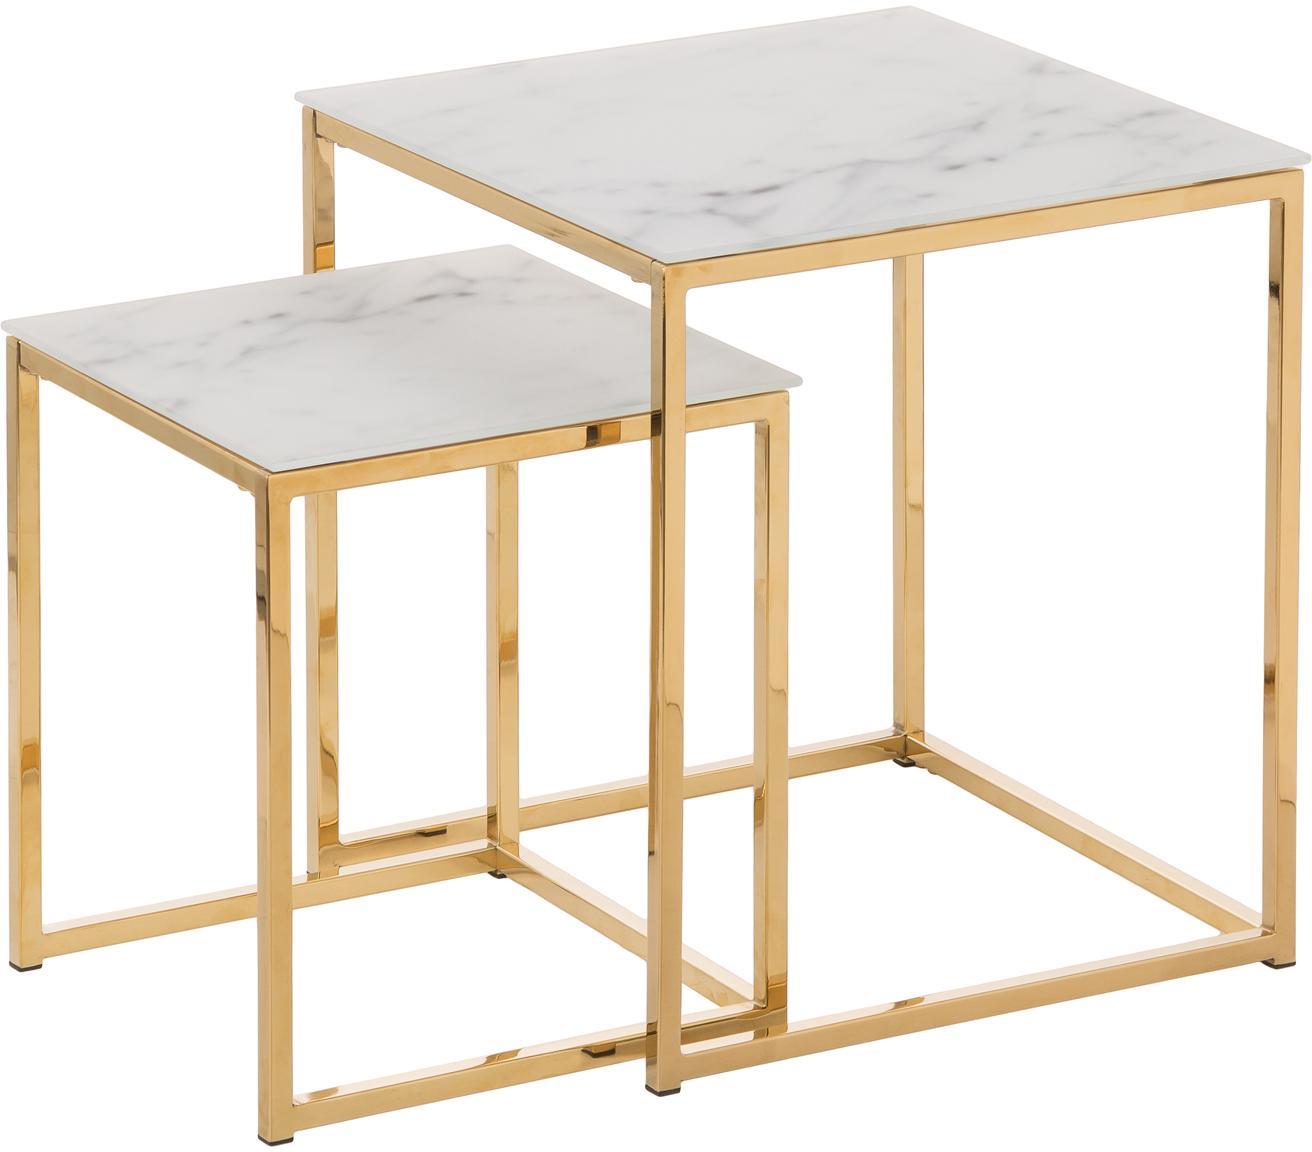 Set 2 tavolini con piano in vetro marmorizzato Antigua, Piano d'appoggio: vetro, Struttura: metallo rivestito, Piani d'appoggio in vetro stampato: opaco bianco, marmorizzato Struttura: dorato, Set in varie misure